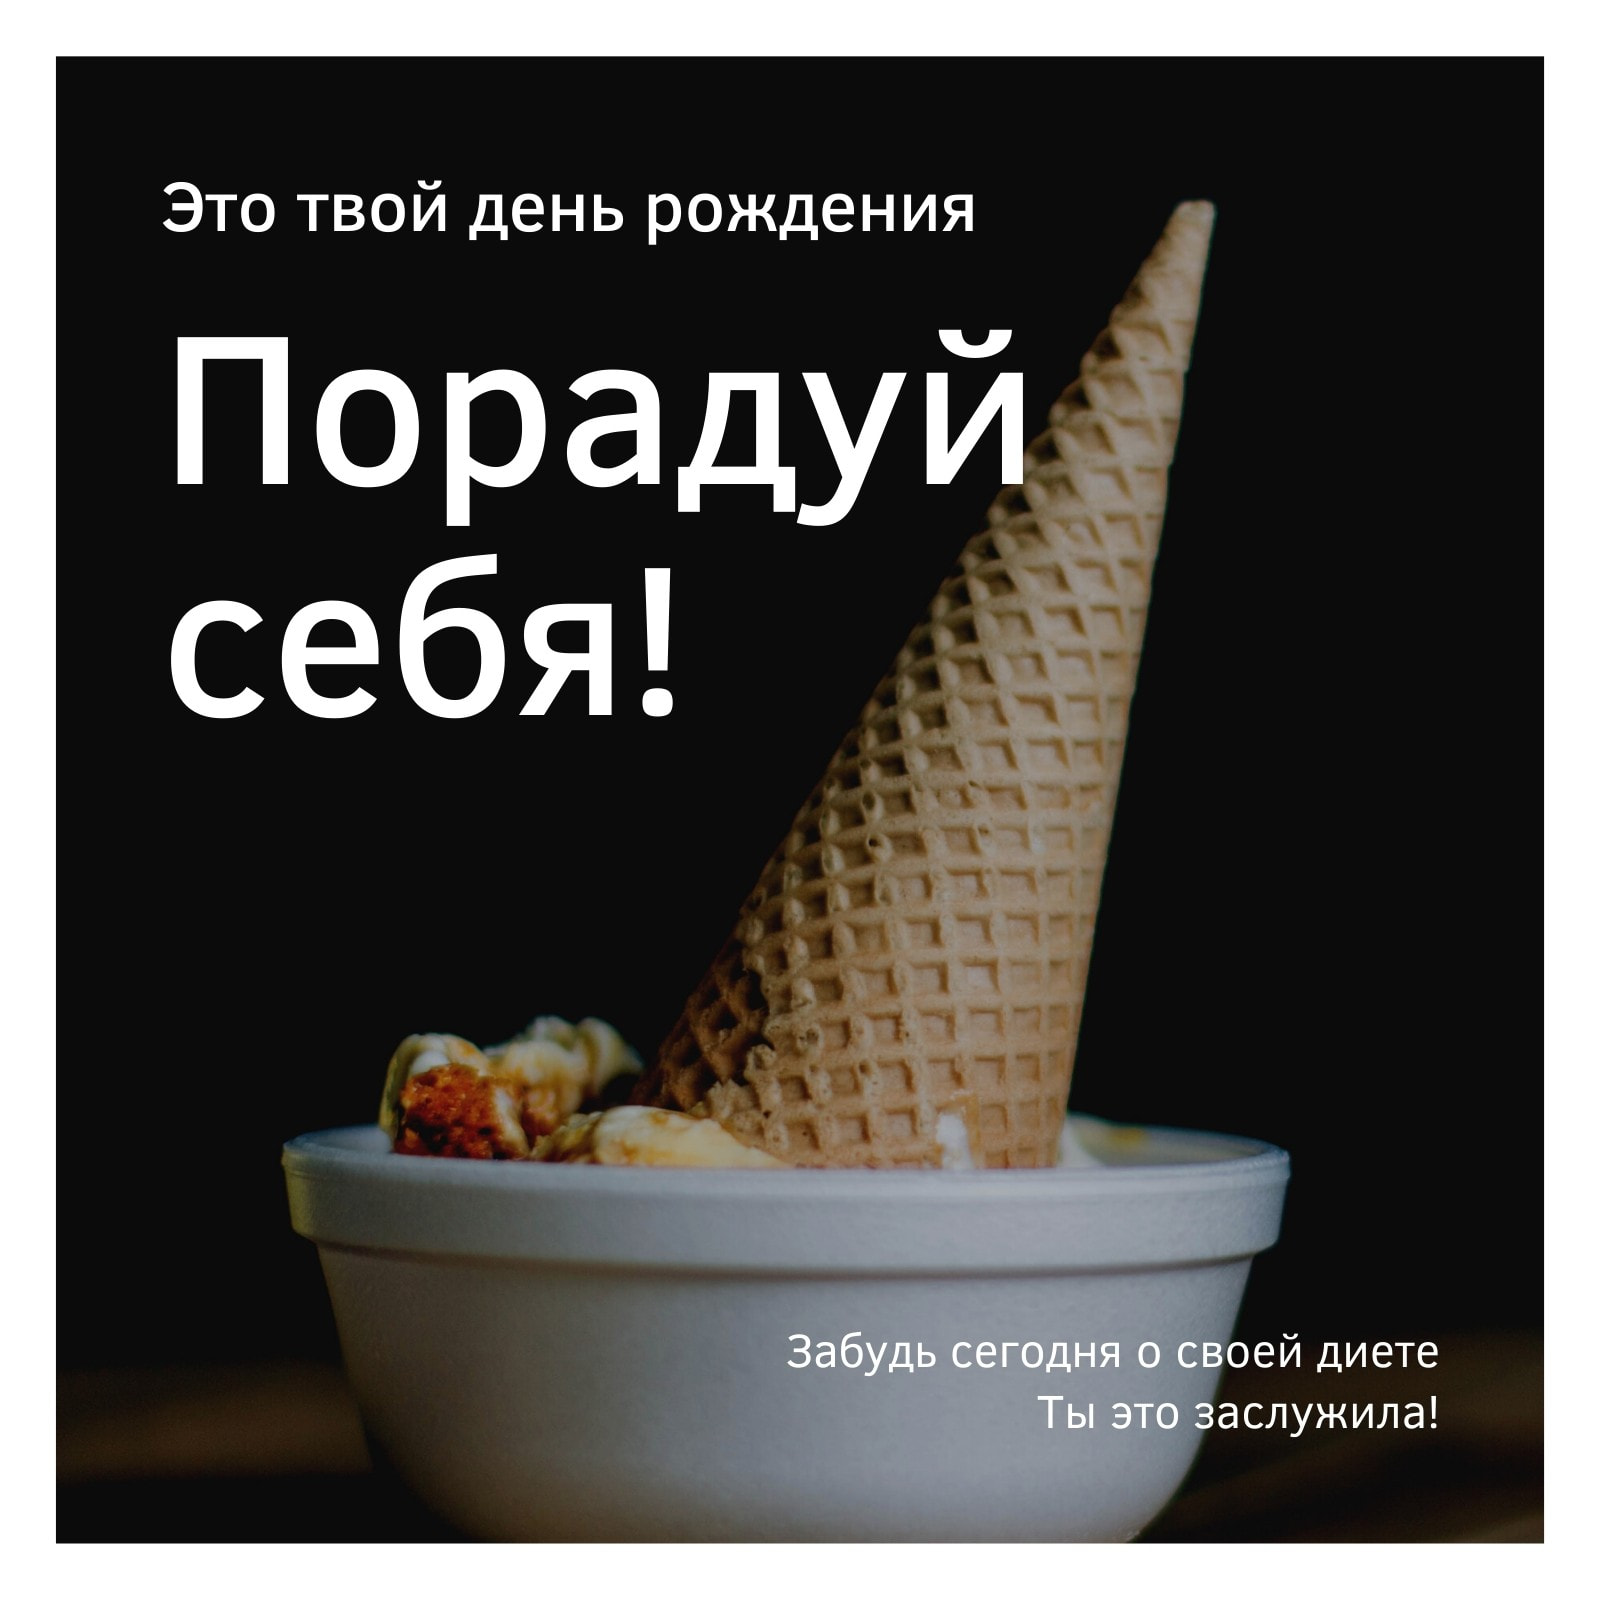 Белая Минималистичная Фотография Фон Мороженое День рождения Публикация в Instagram